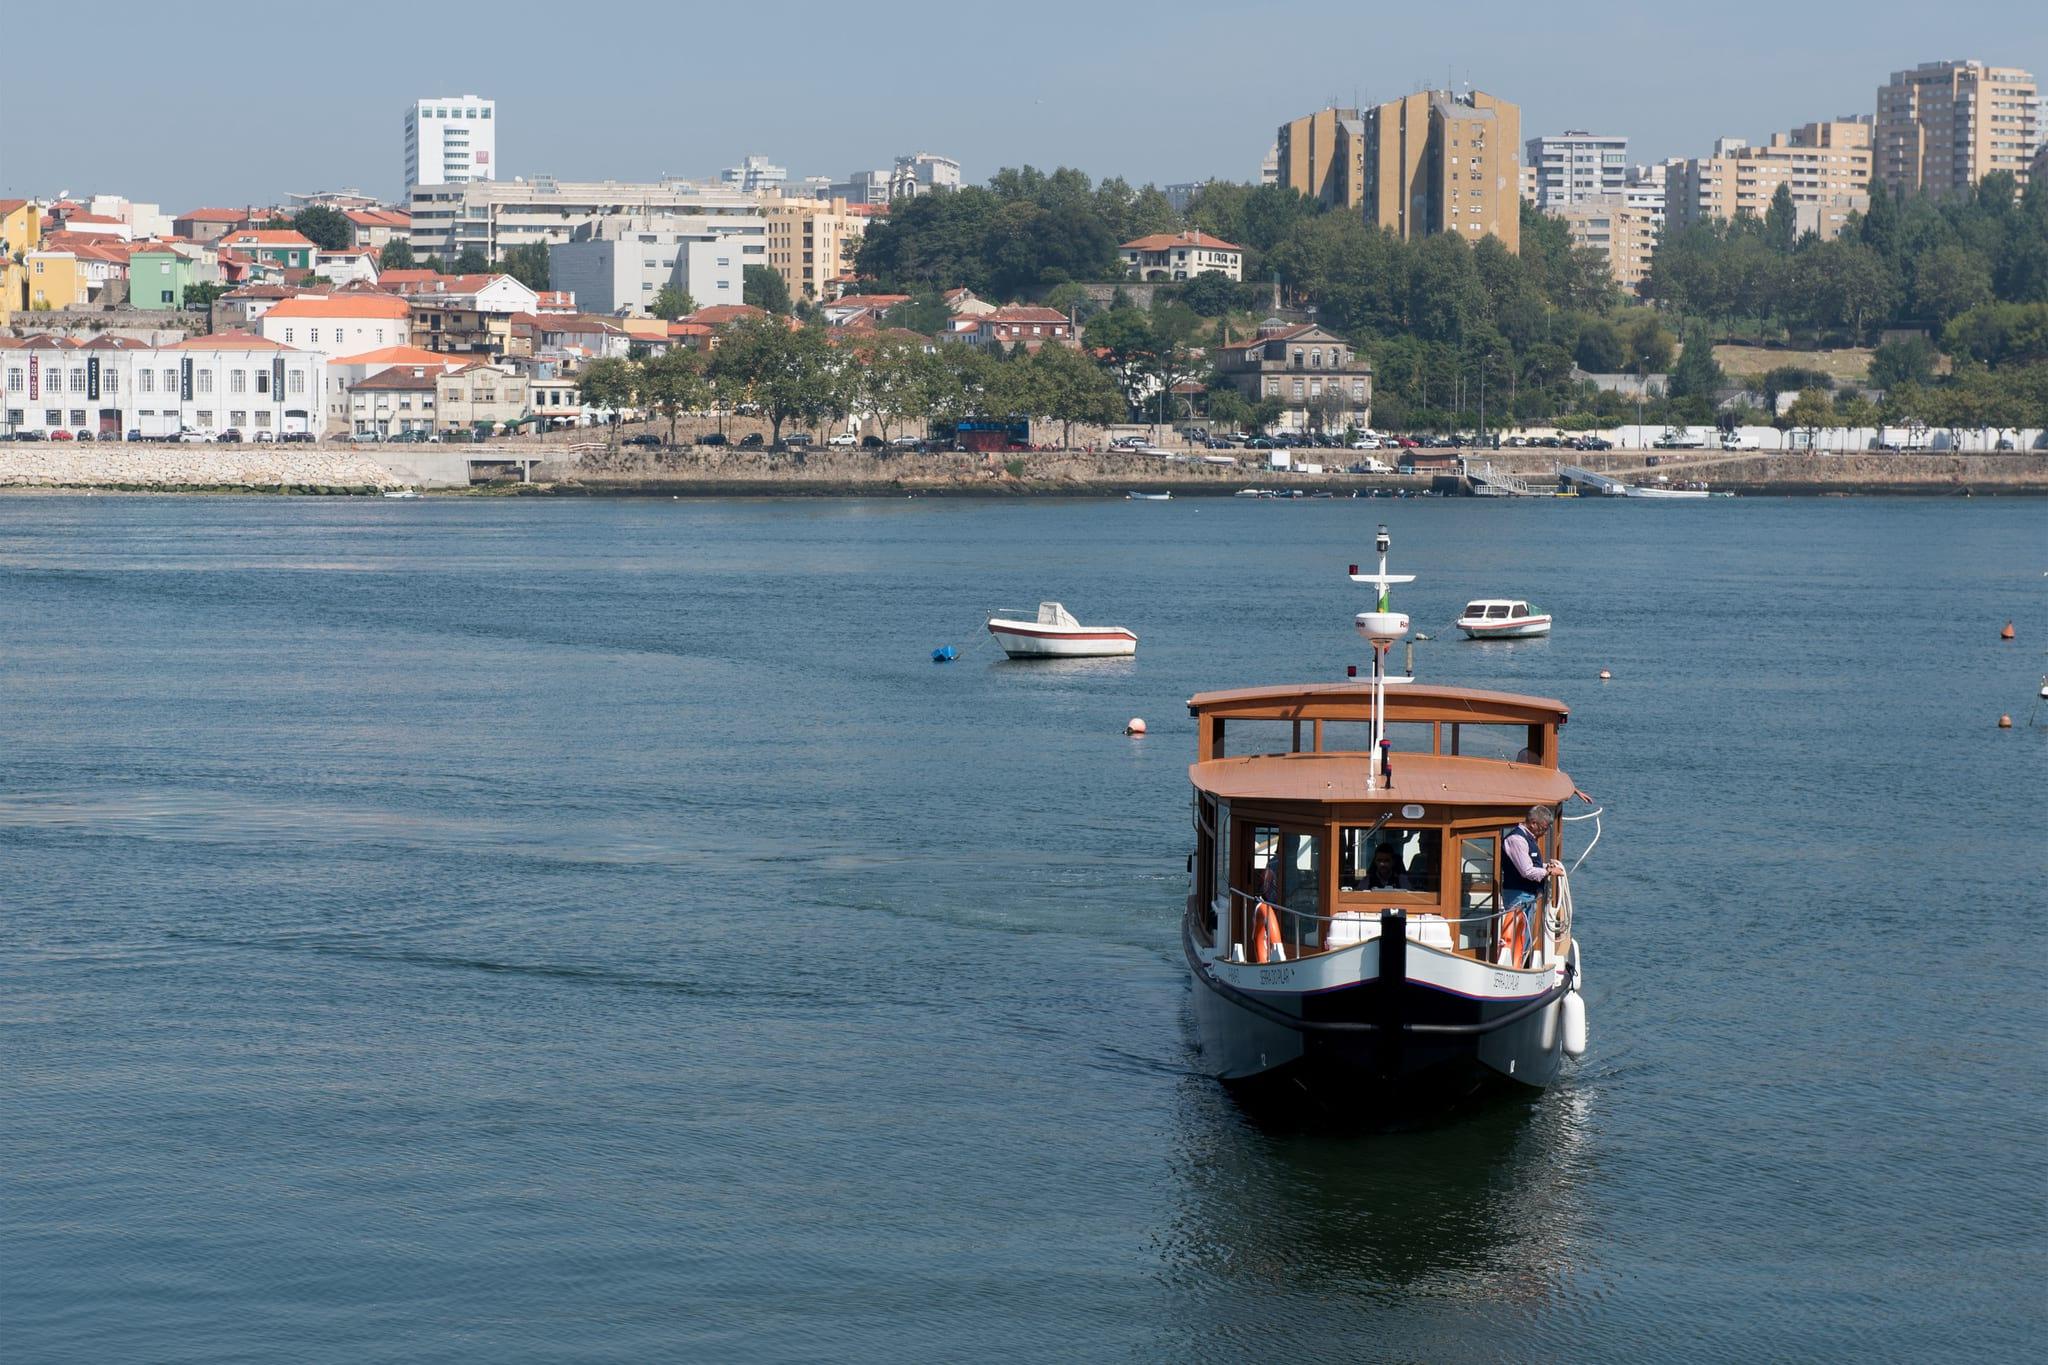 PÚBLICO - Rabelas começaram a circular no Douro